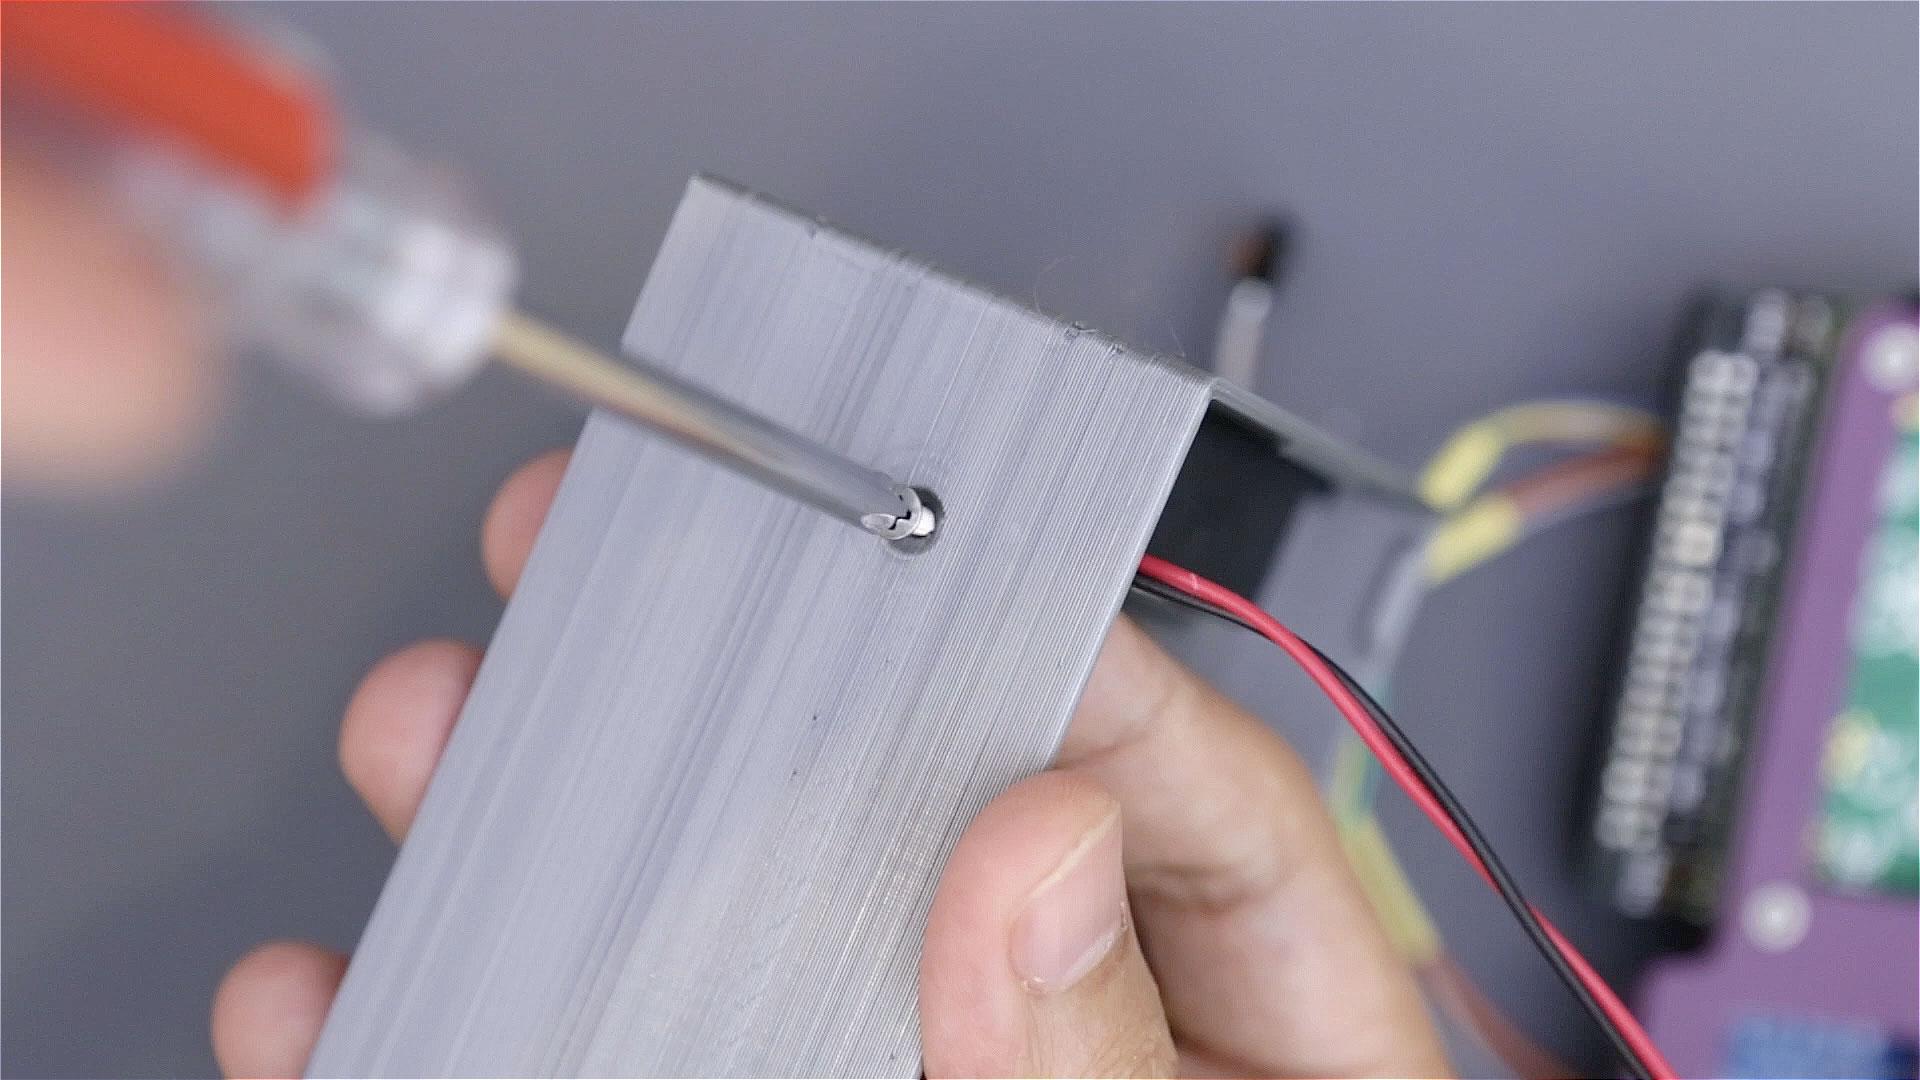 3d_printing_mount-screws-case.jpg